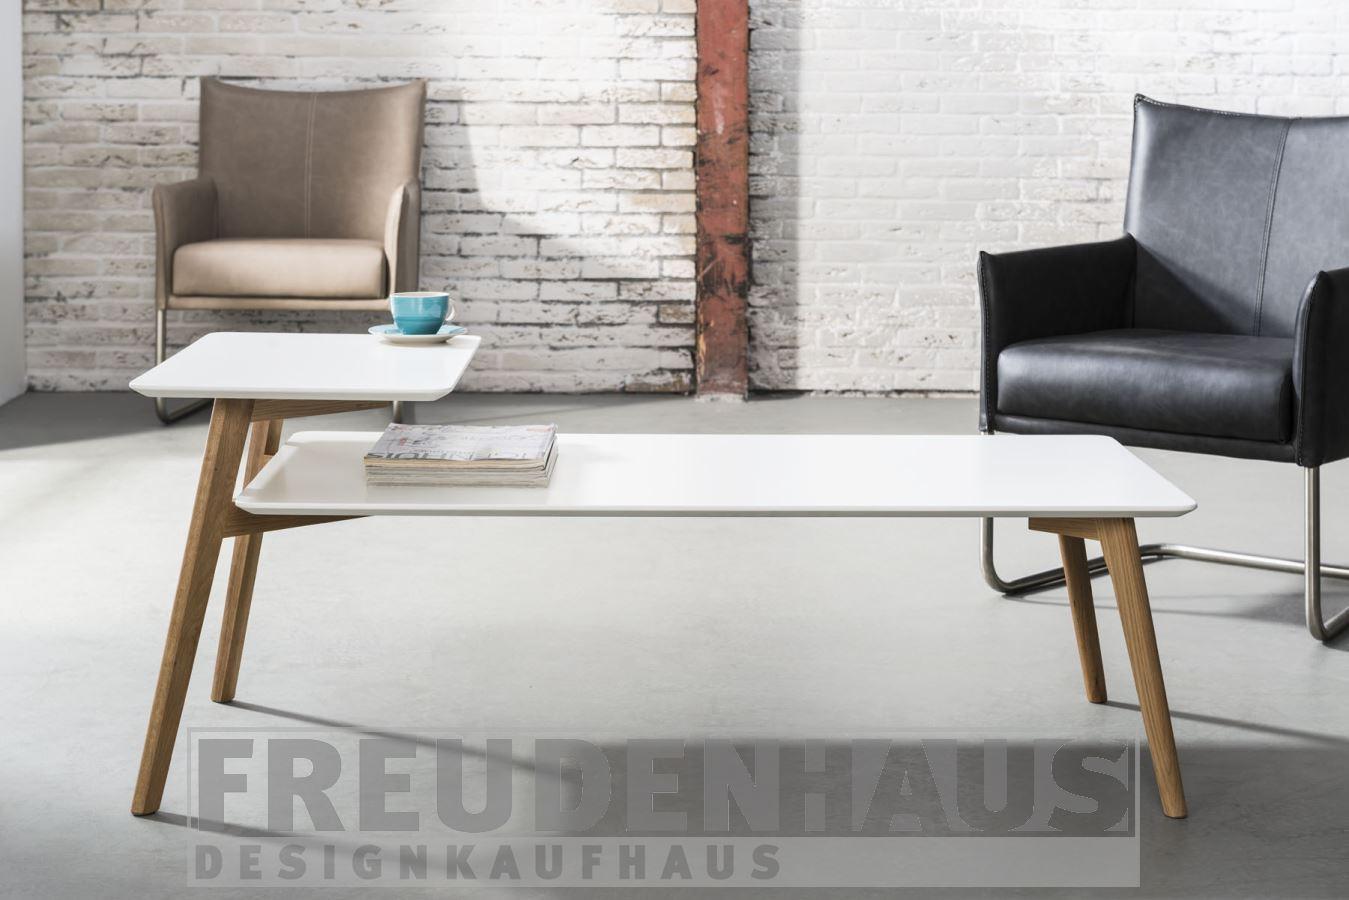 couchtisch scandinavia retro 130 x 60 weiß doppelte ablage – möbel